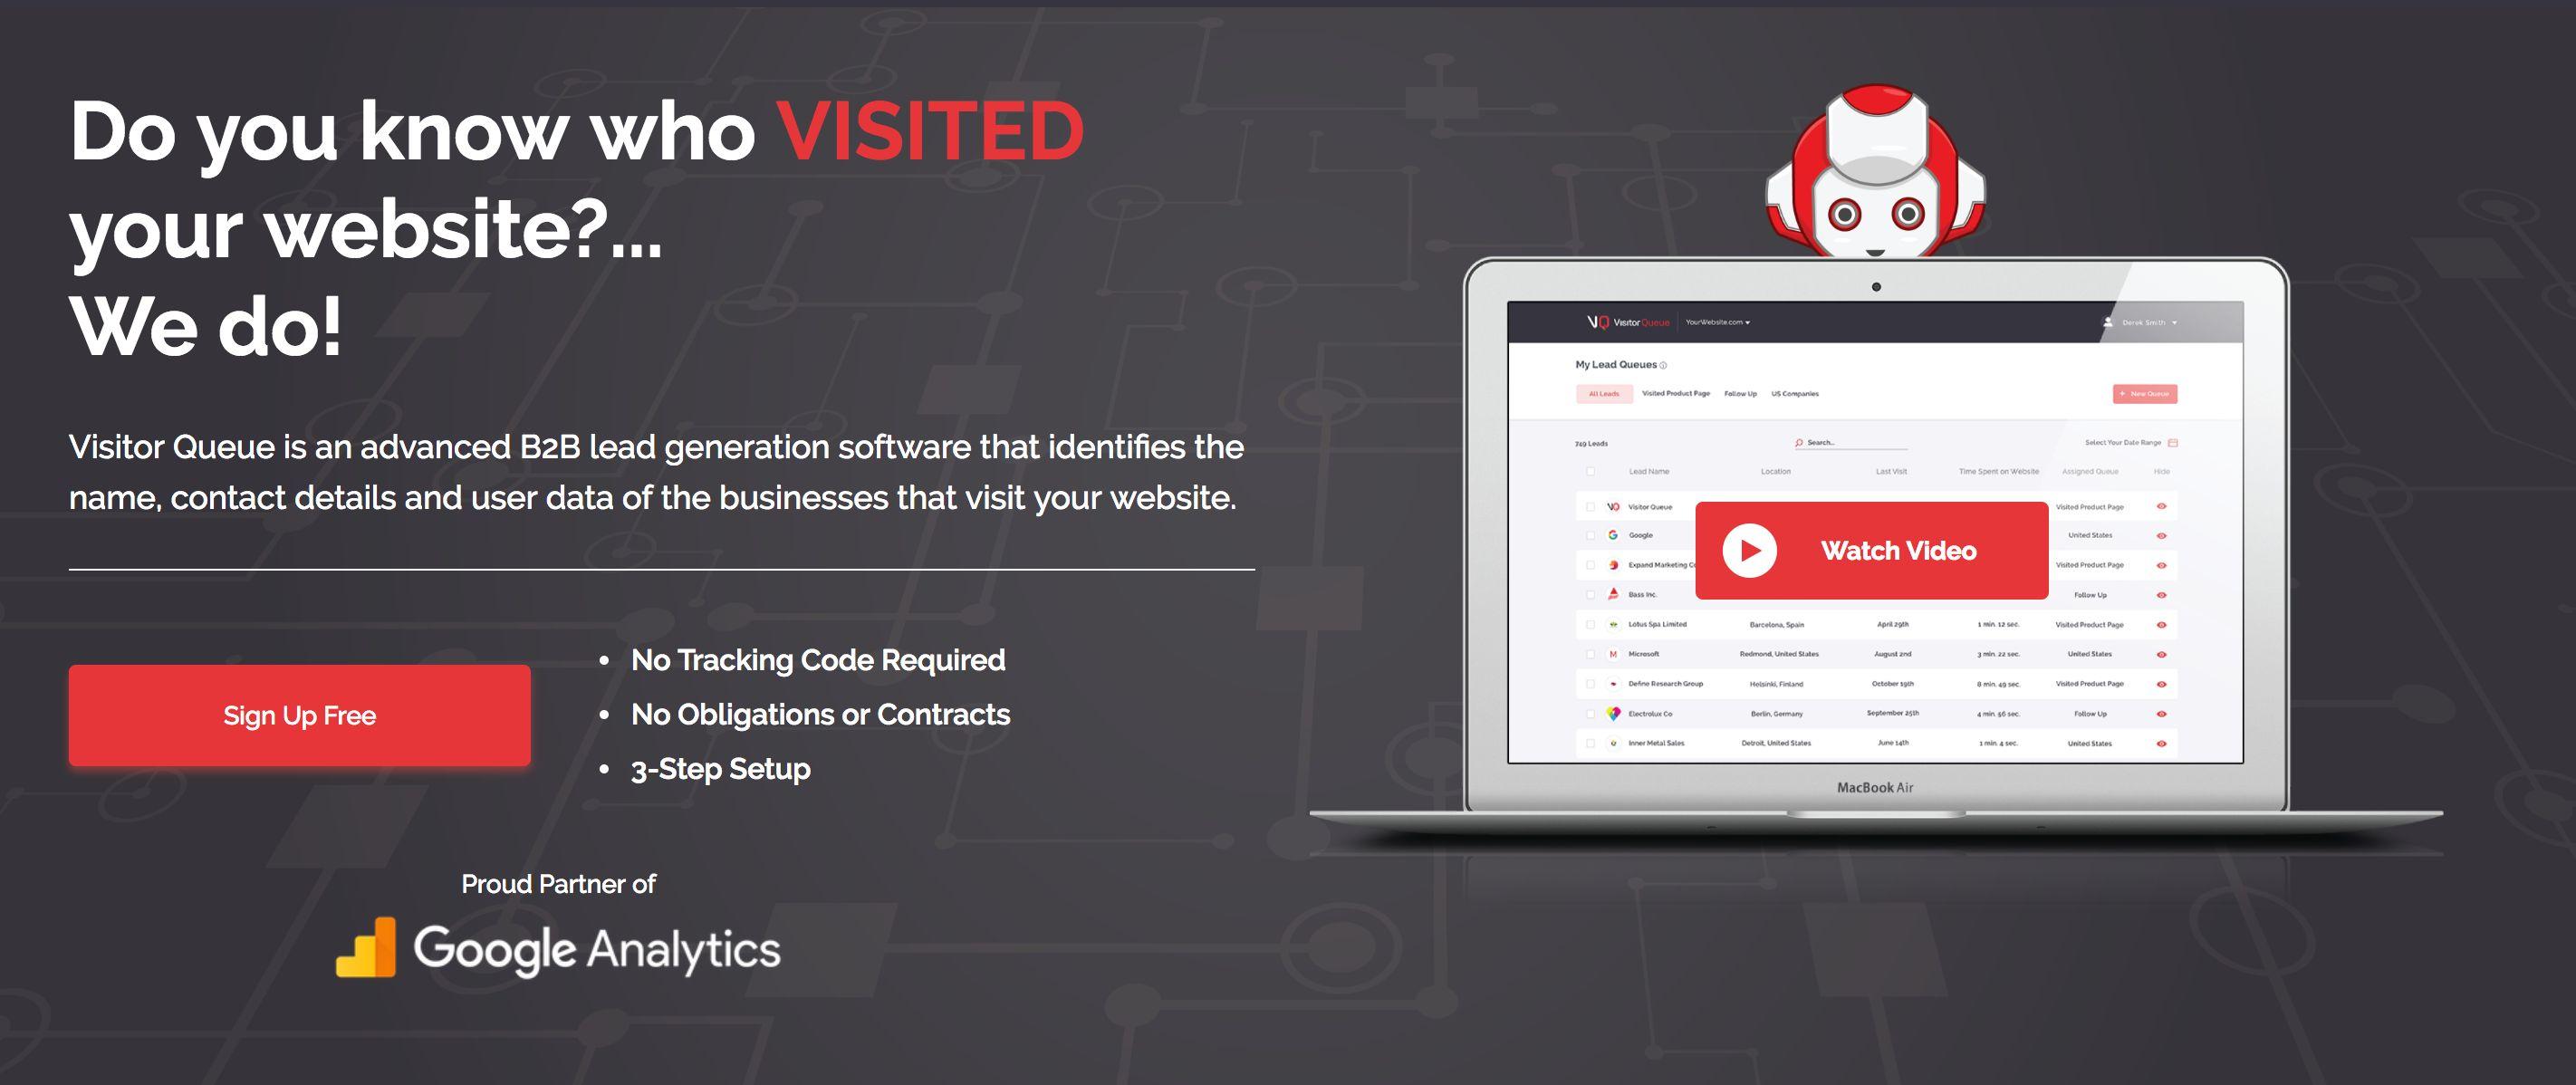 Visitor Queue marketing page